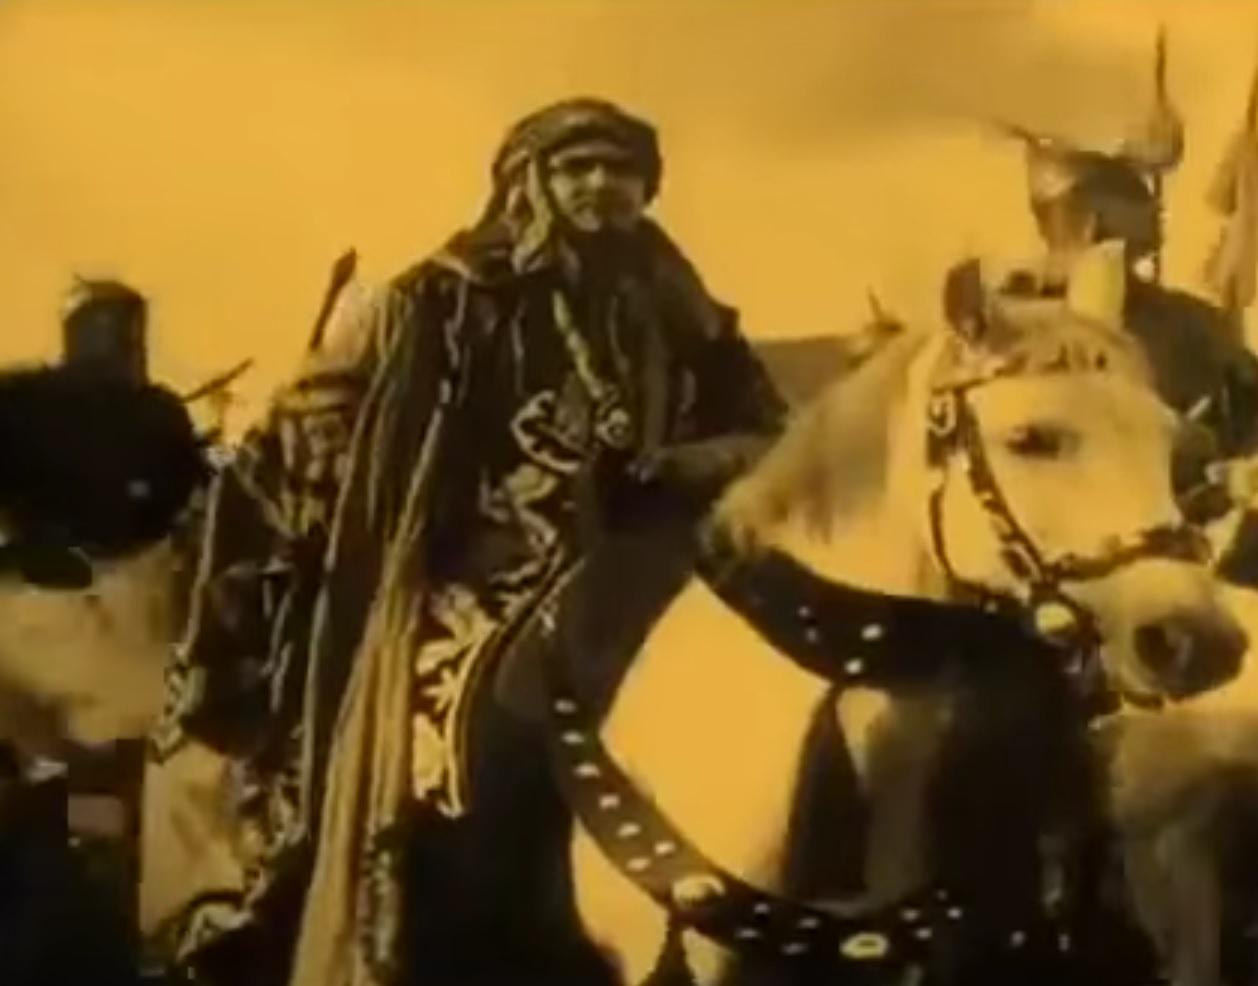 فريتز جرينير في فيلم ناثان الحكيم إنتاج عام 1922